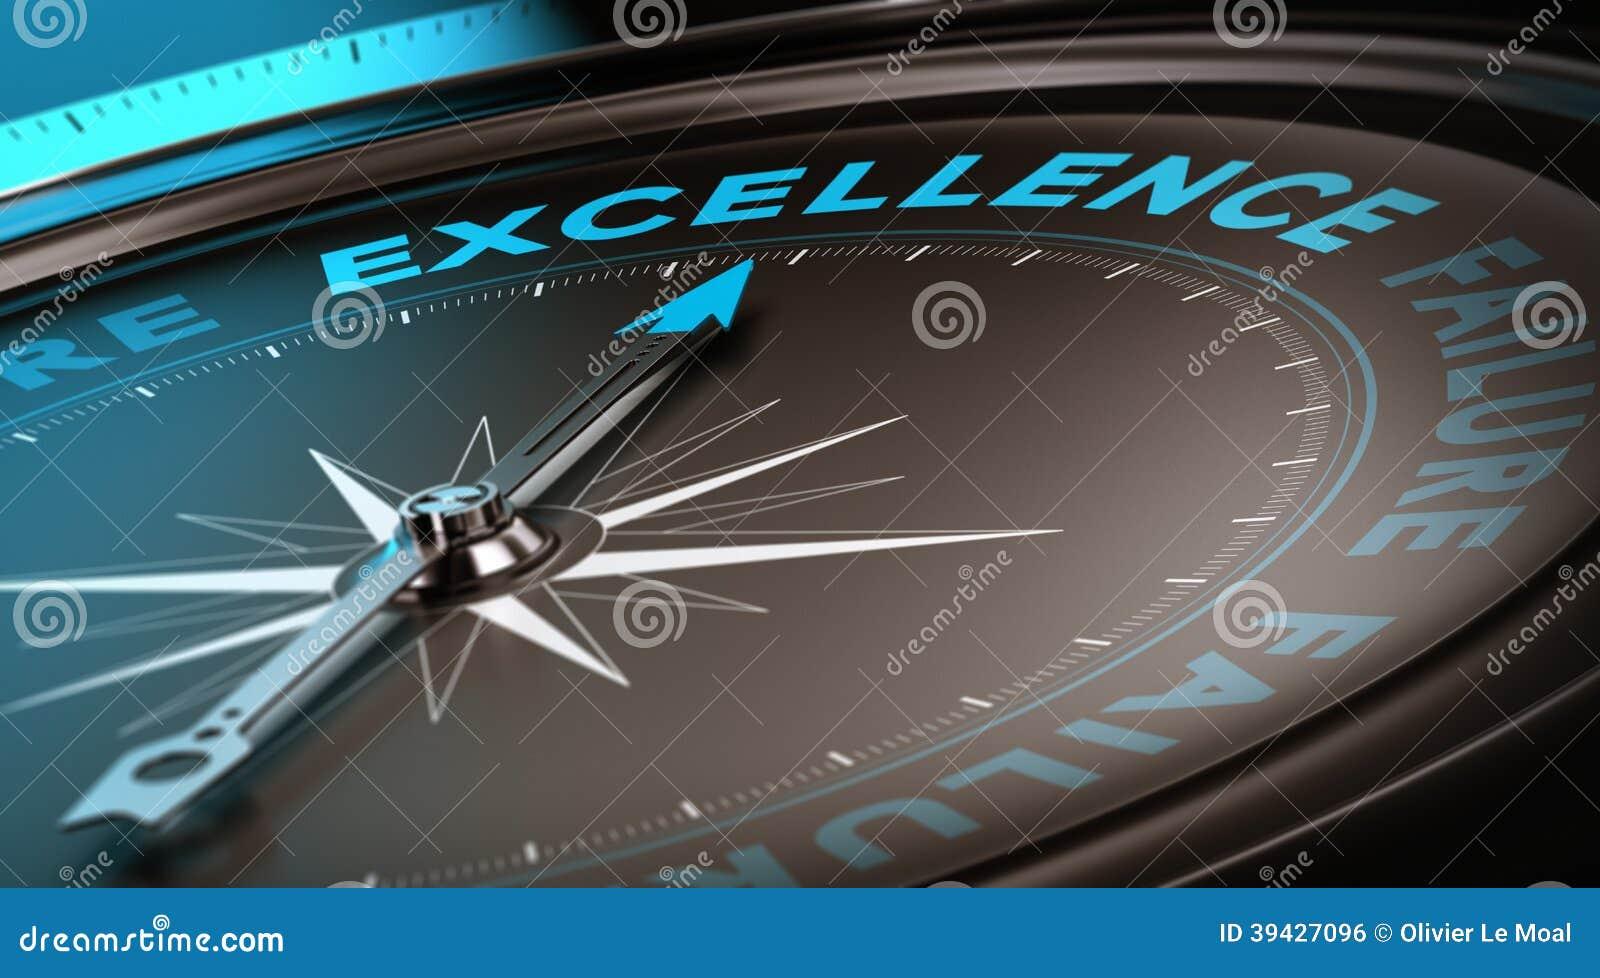 Conceito da excelência, serviço de qualidade